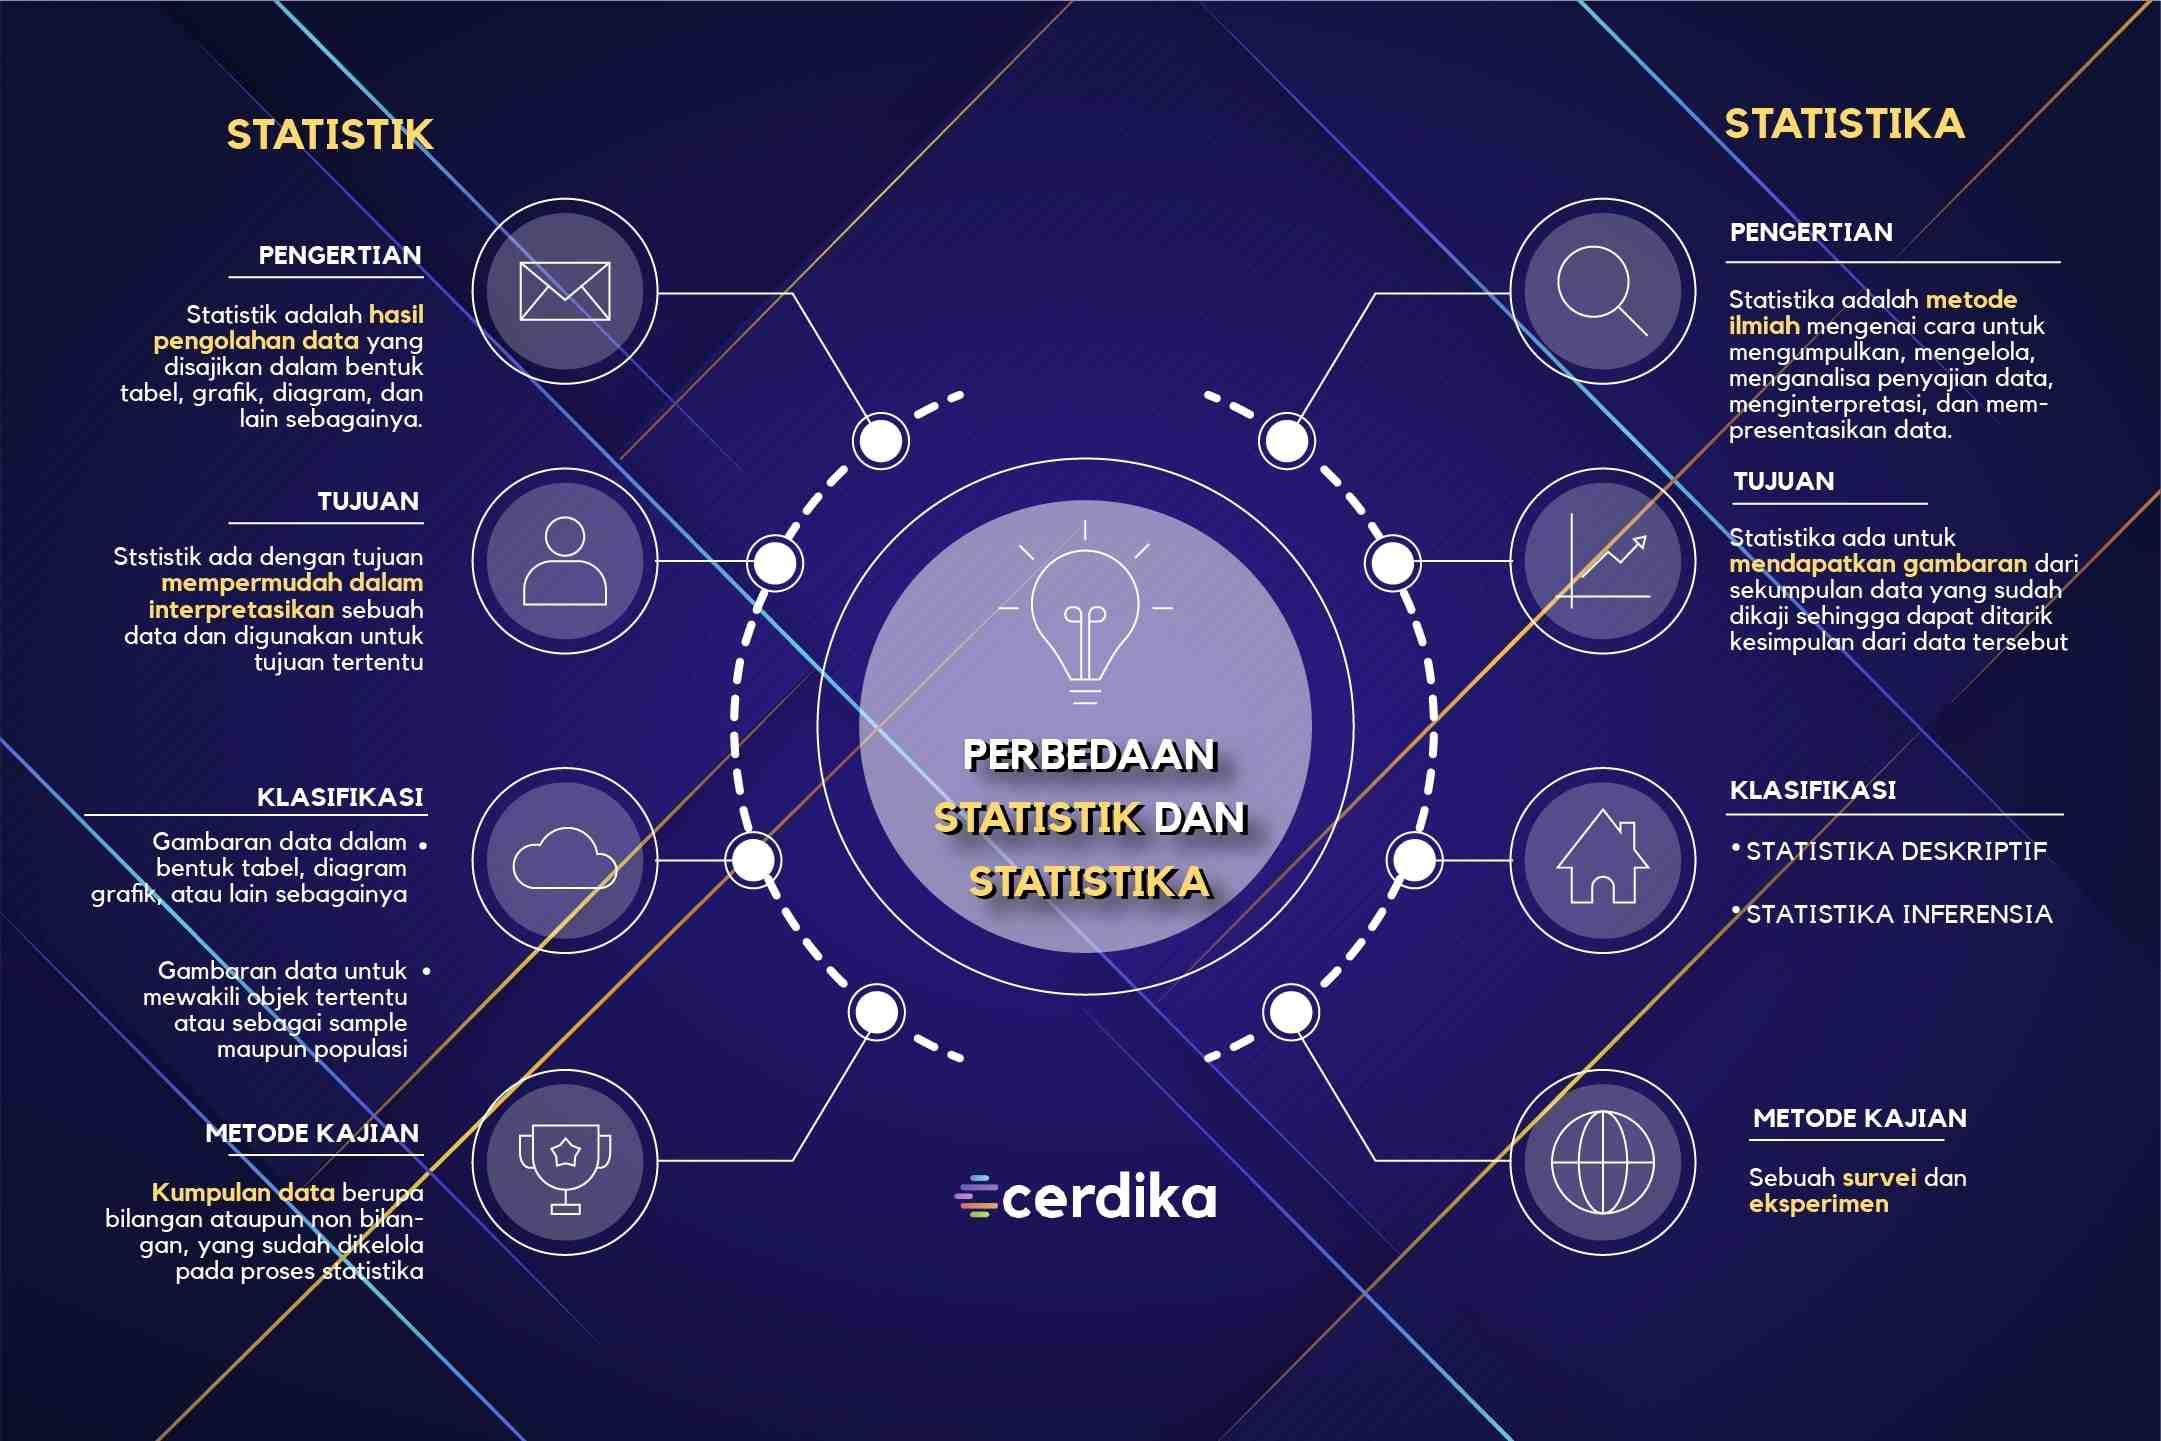 infografis perbedaan statistik dan statistika